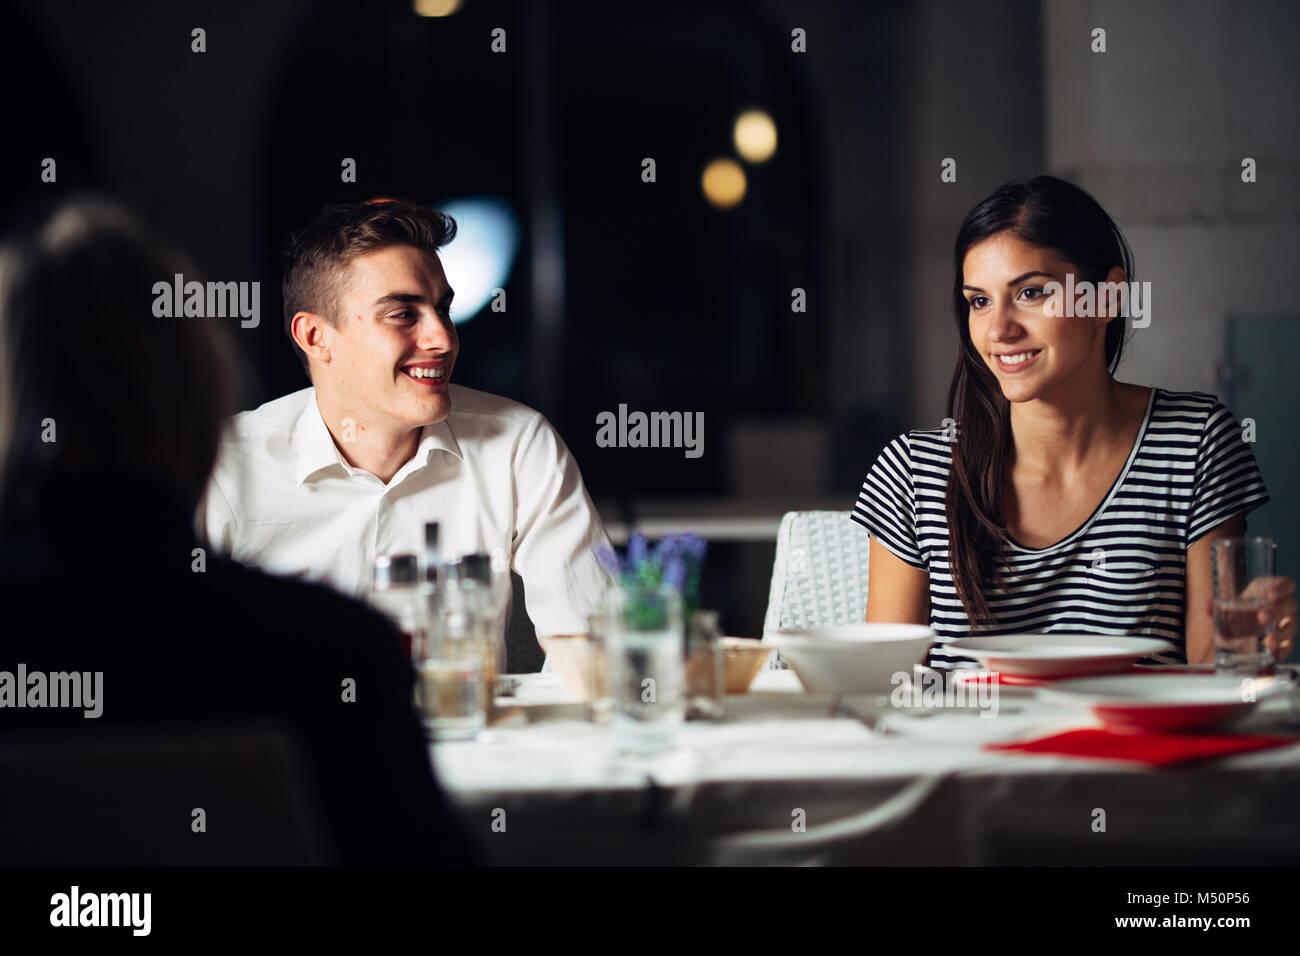 Grupo de amigos tener una cena en un restaurante.Double date.atractivo pueblo de salir por la noche, cena en un Imagen De Stock